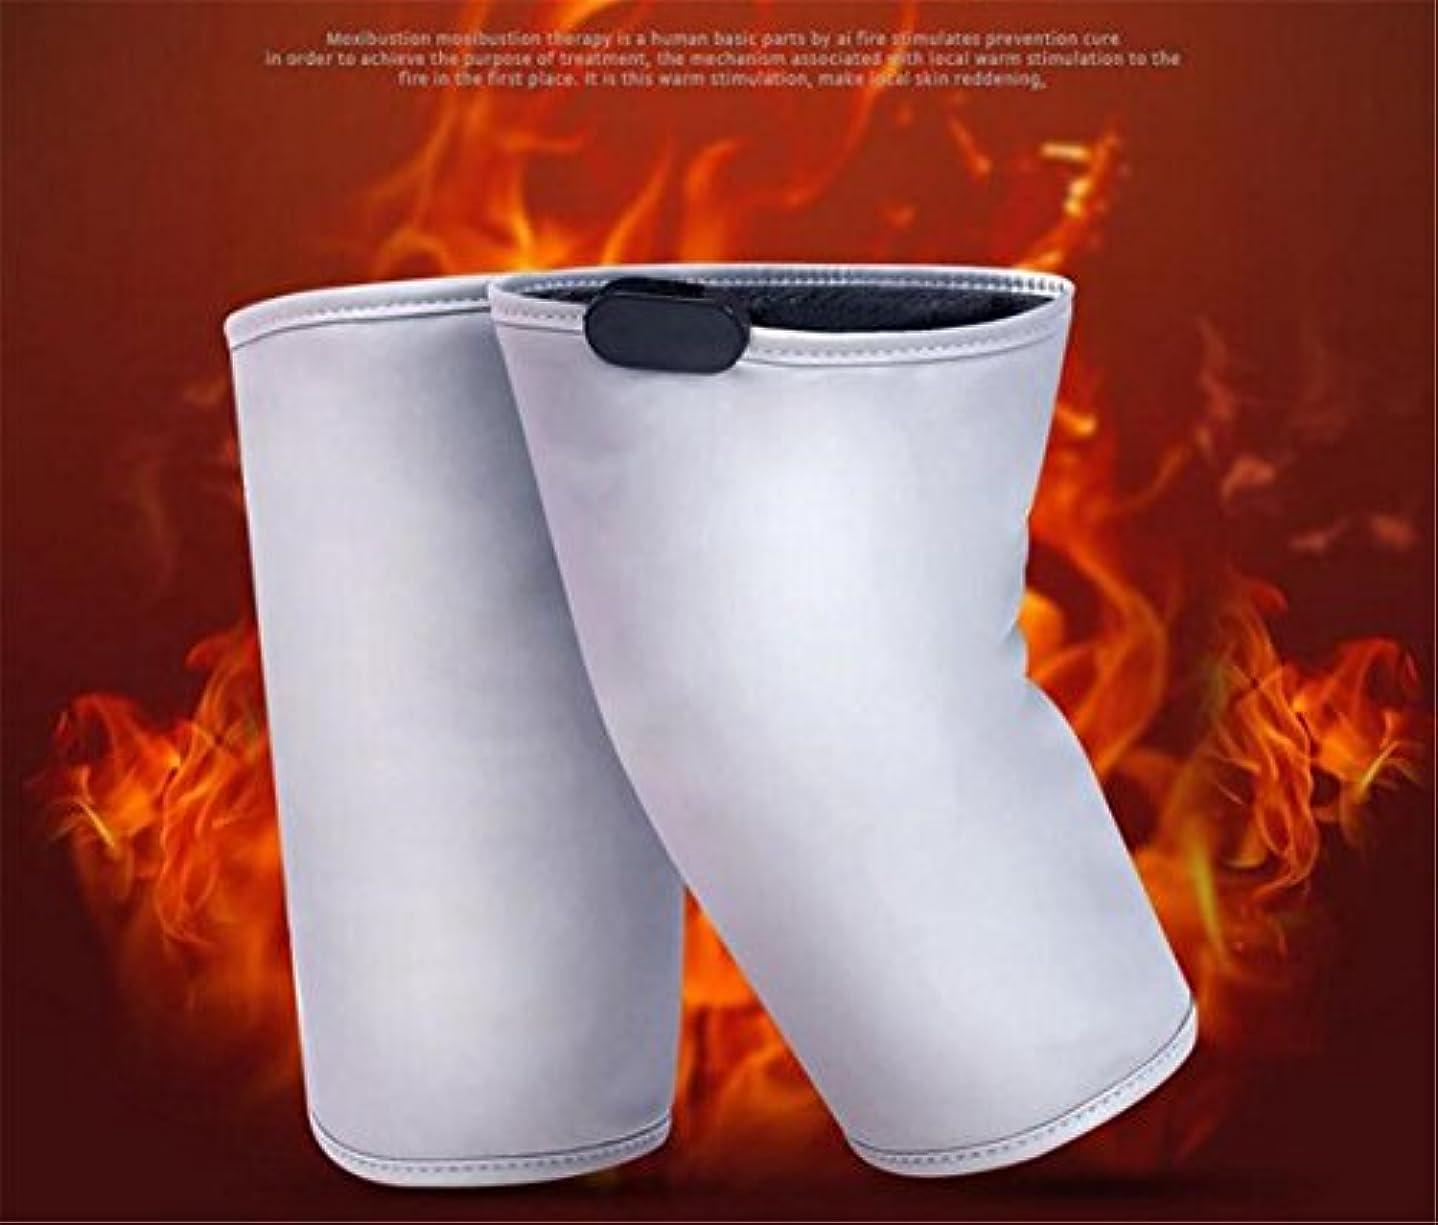 メッシュ病弱カニELEGENCE-Z電気加熱膝パッド中高年マッサージ熱い圧縮灸暖かい電荷共同理学療法器